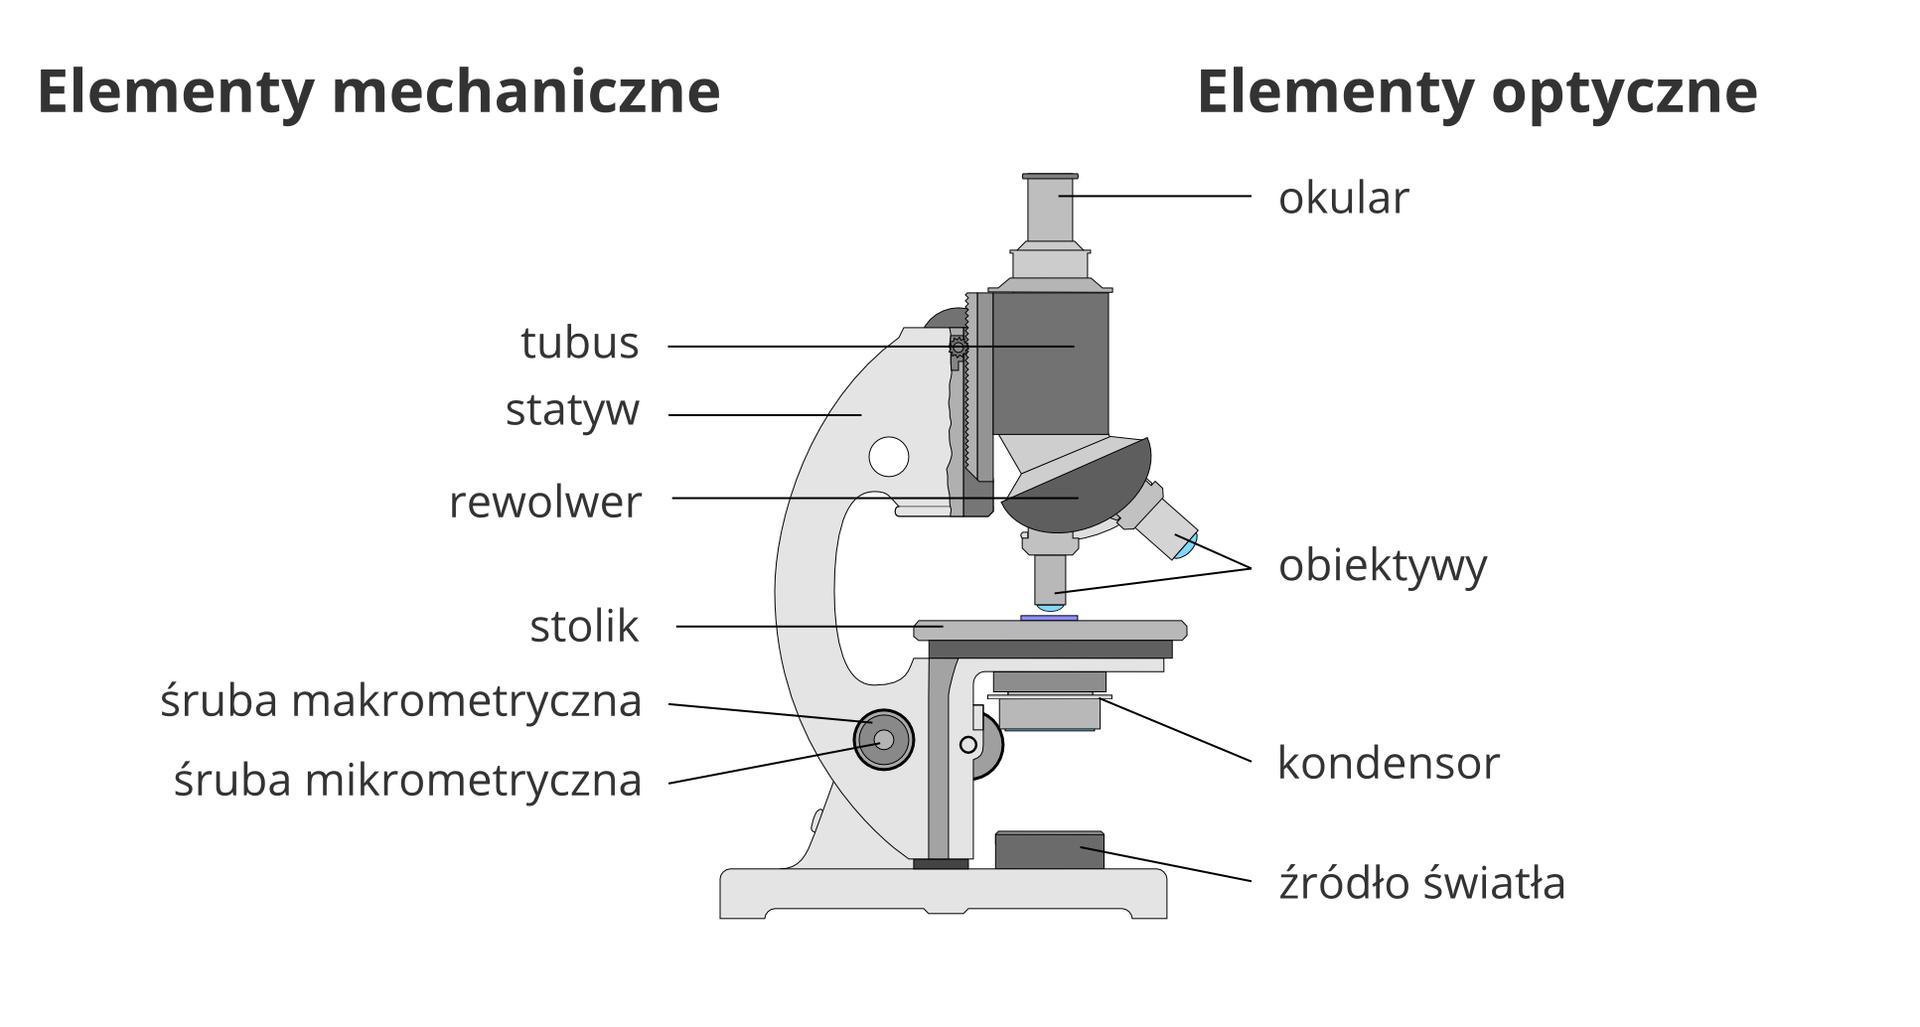 Ilustracja przedstawia mikroskop optyczny. Jego części zostały podpisane na rysunku. Po lewej znajdują się podpisy części mechanicznych: tubus, statyw, rewolwer, stolik iśruby: mikrometryczna imikrometryczna. Po prawej znajdują się podpisy części optycznych: okular, obiektywy, kondensor, źródło światła.Pod rysunkiem mikroskopu znajduje się opis funkcji poszczególnych części.